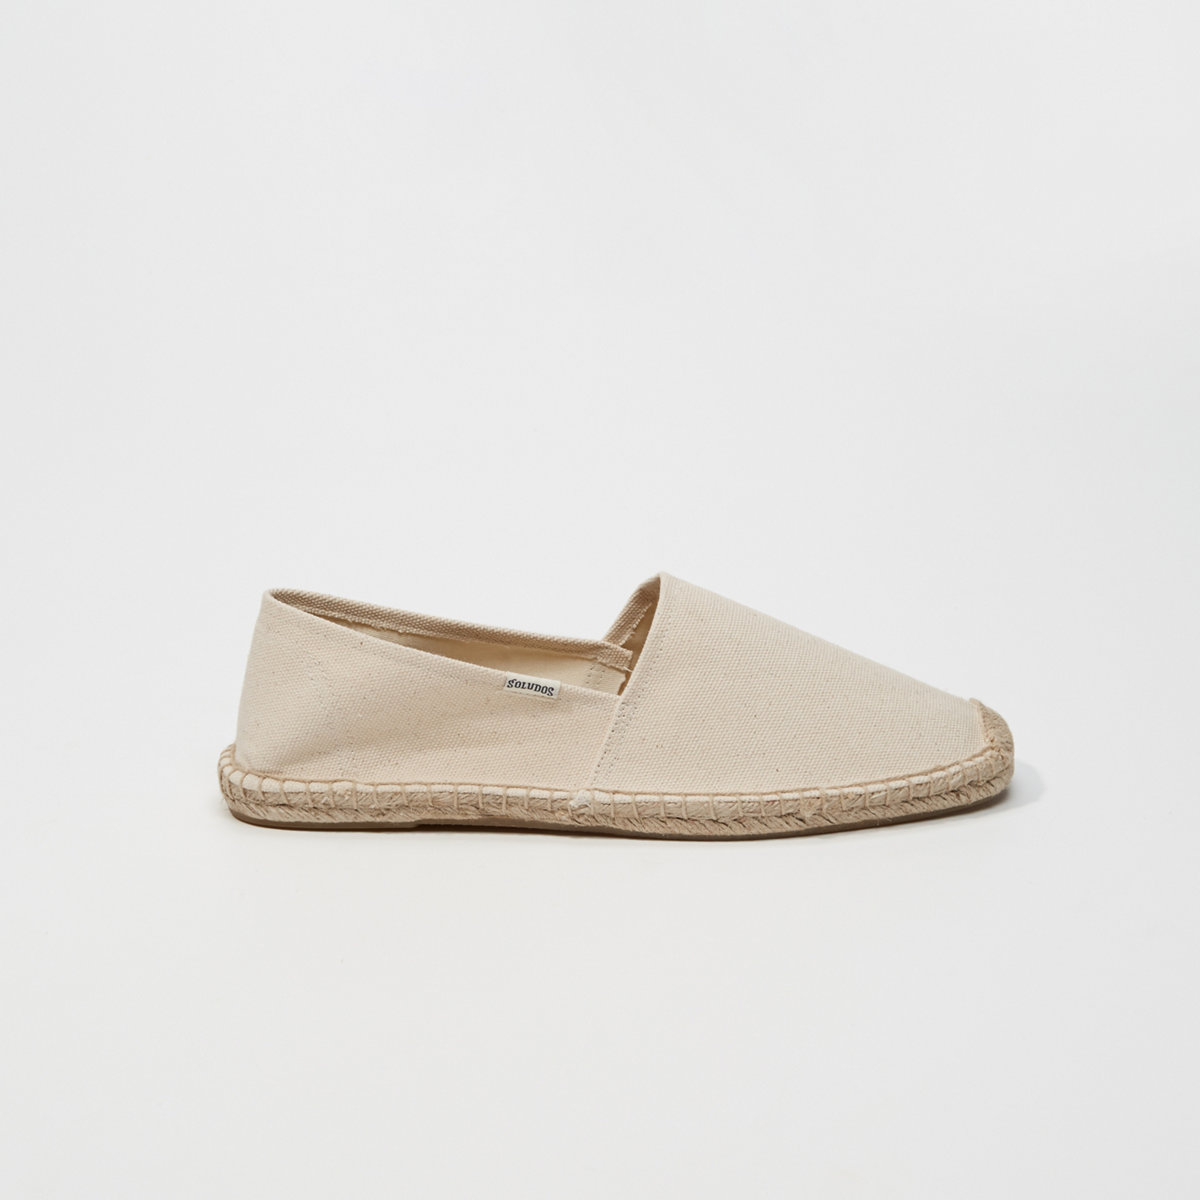 Soludos Original Shoe